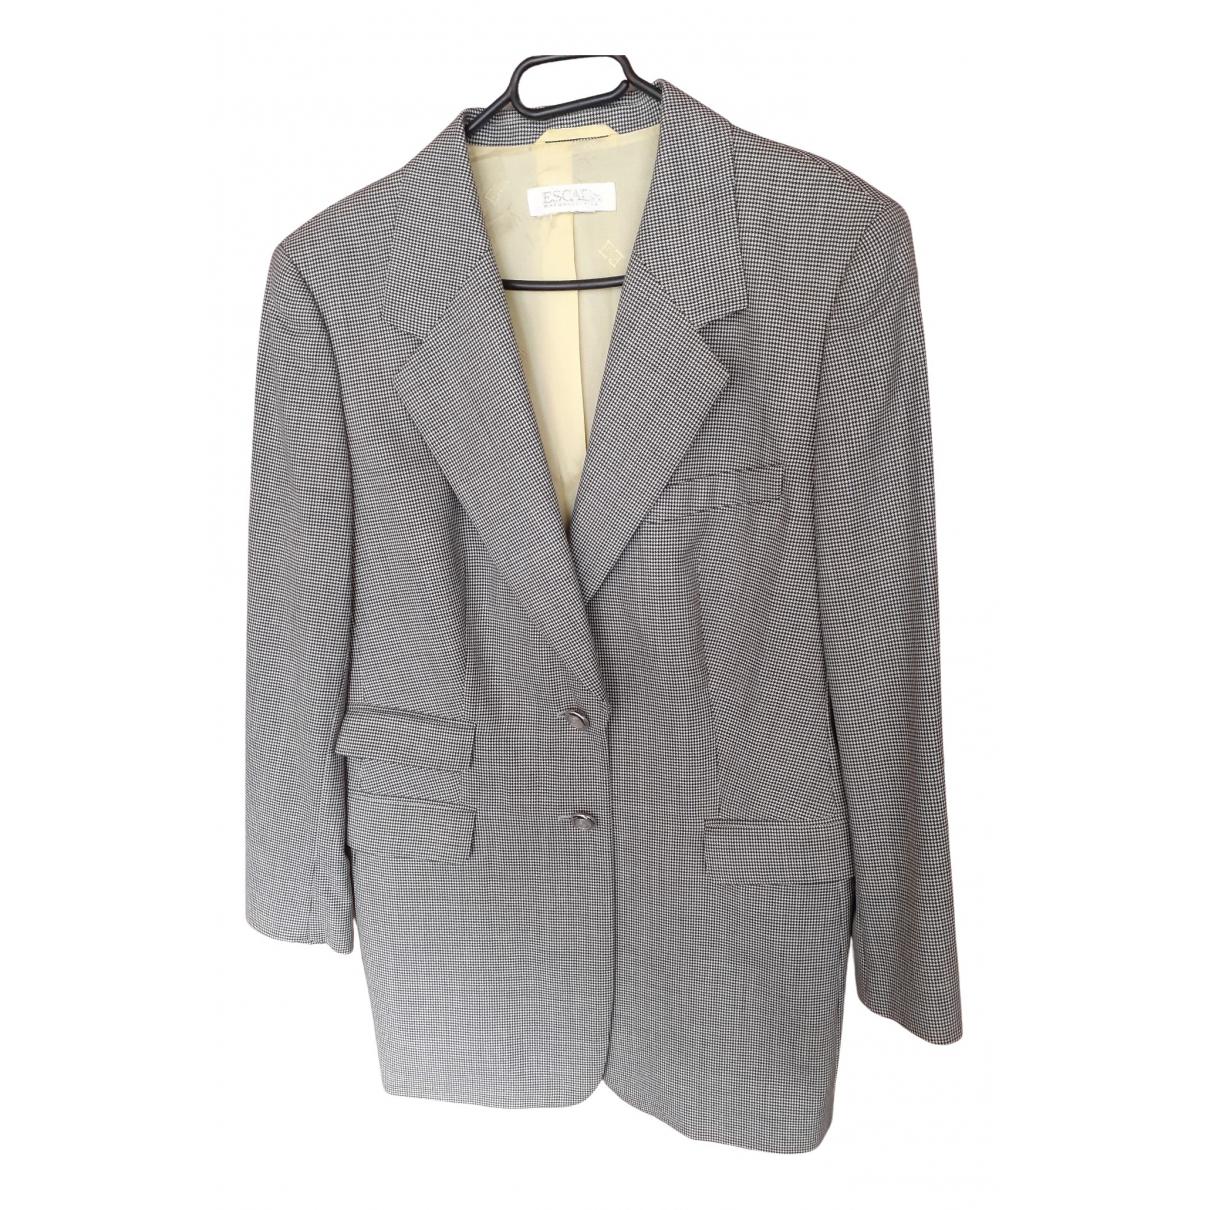 Escada \N Grey Wool jacket for Women XL International